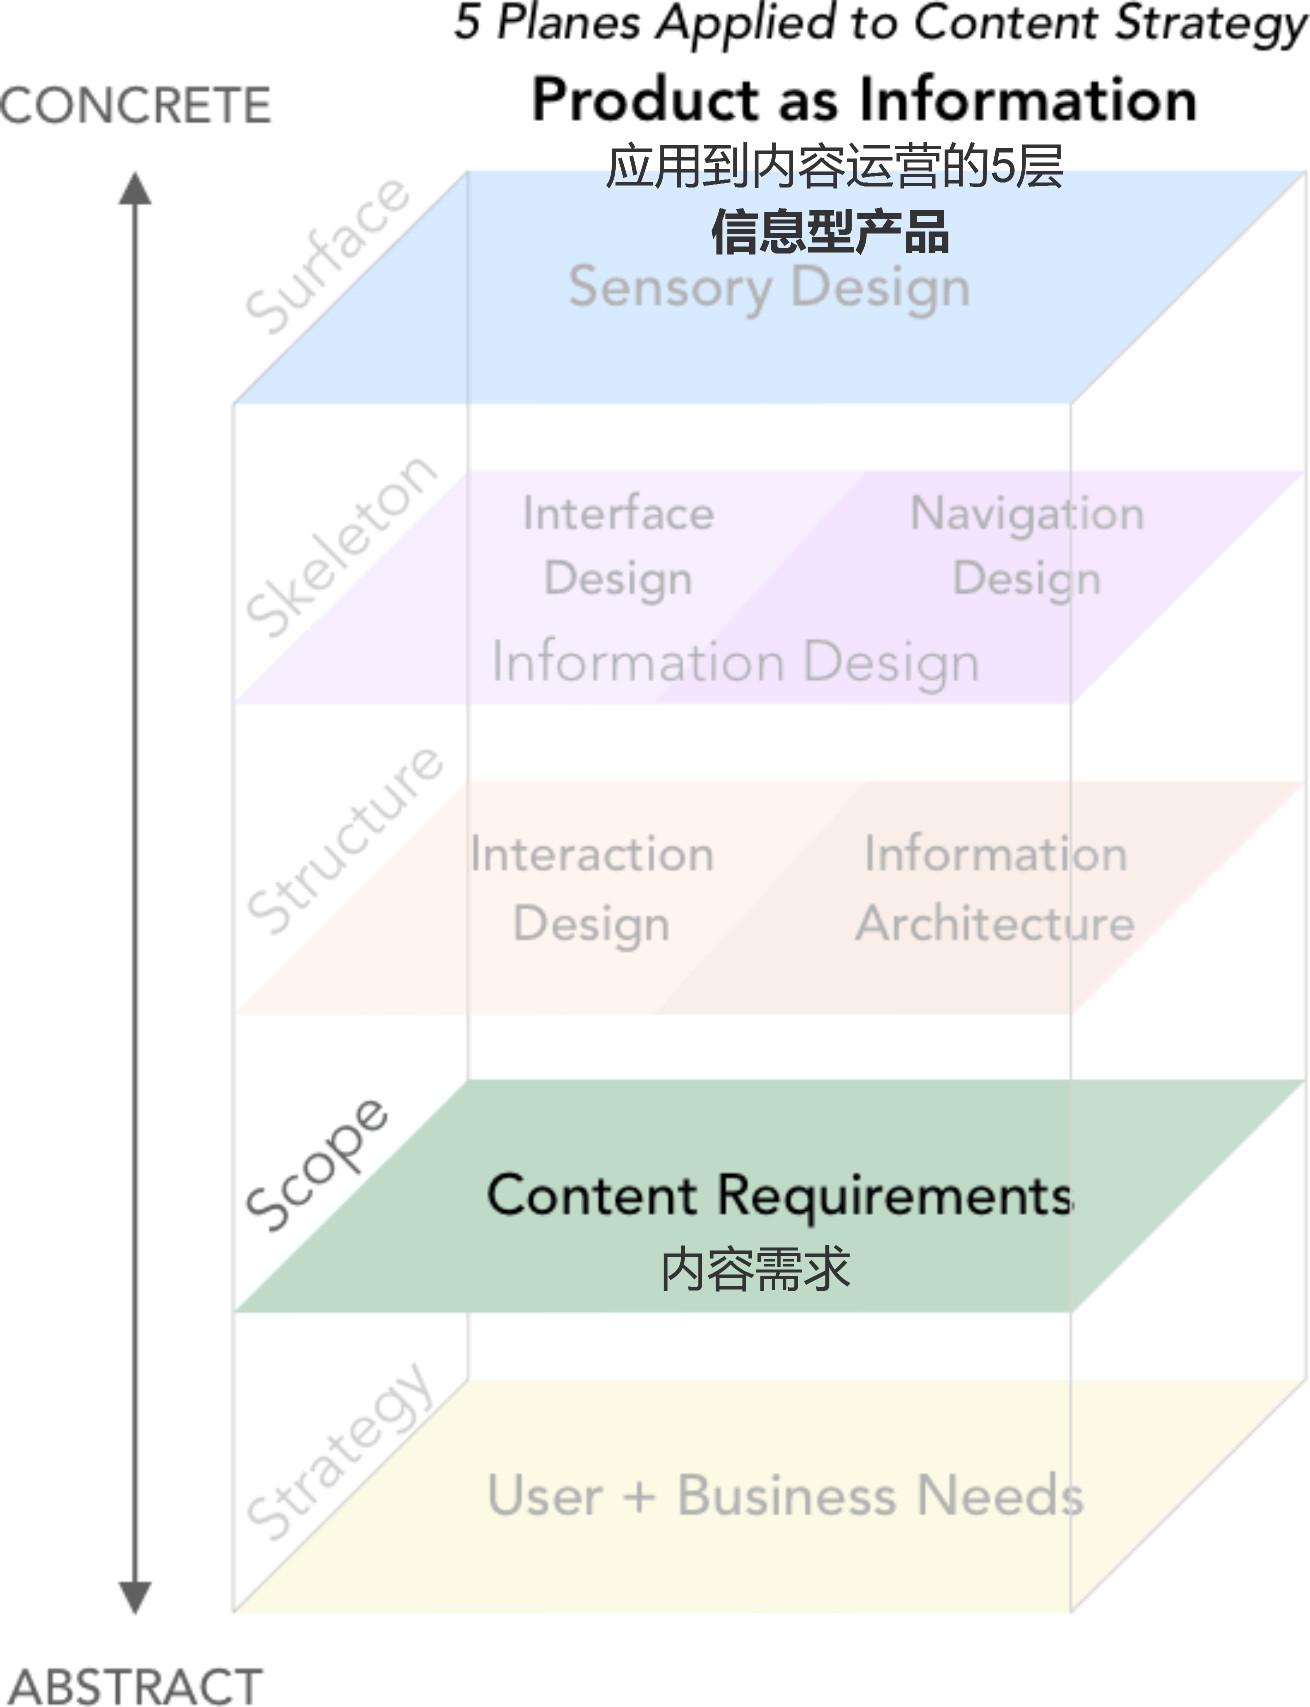 如何从优化内容策略上,提高产品的用户体验?